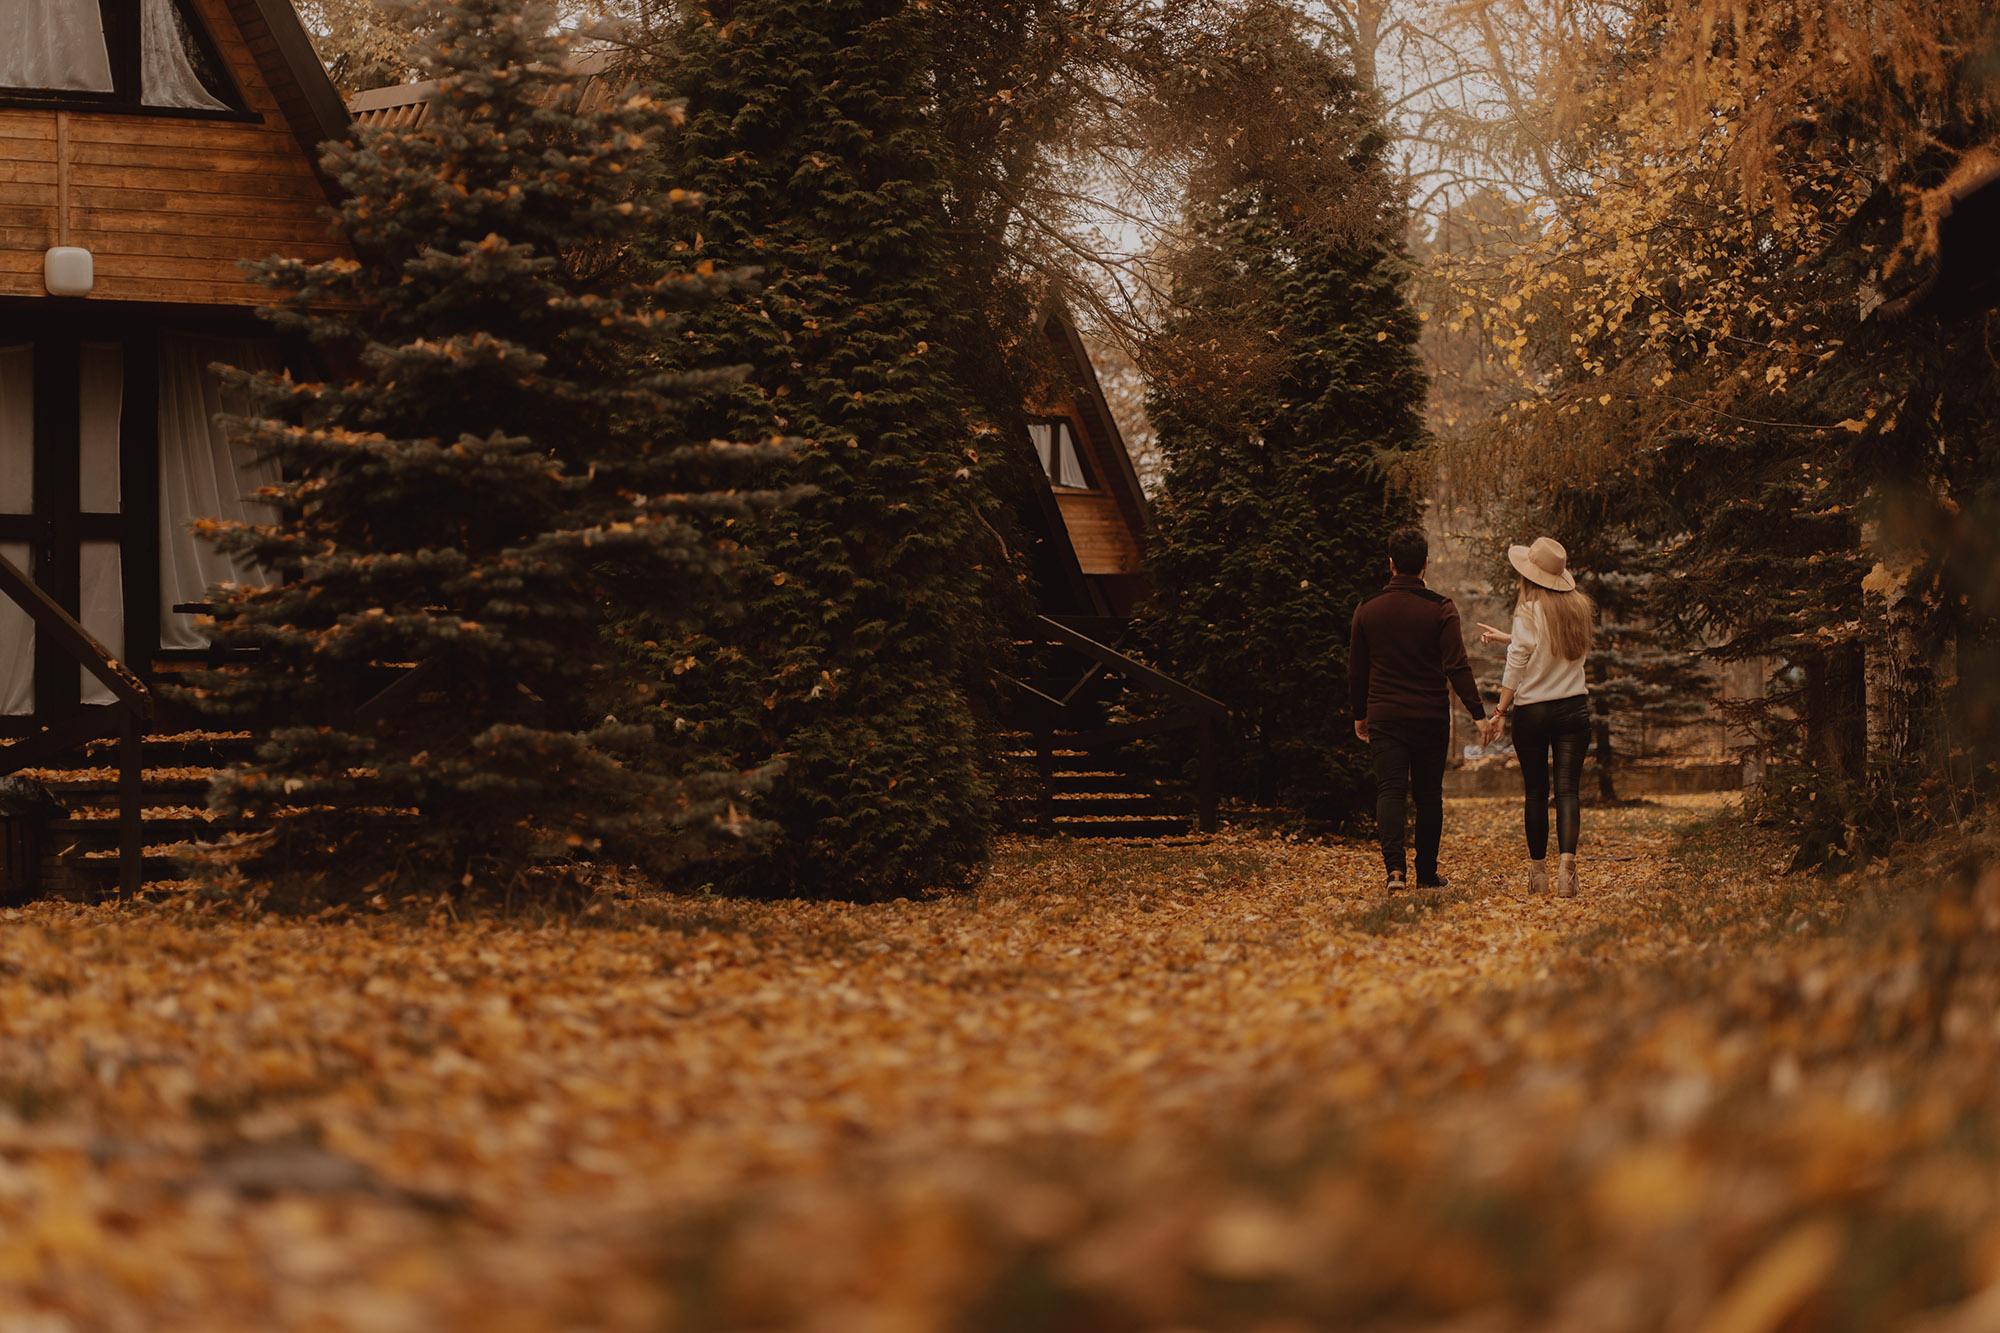 Jesienna sesja narzeczenska00029 - Jesienna sesja narzeczeńska